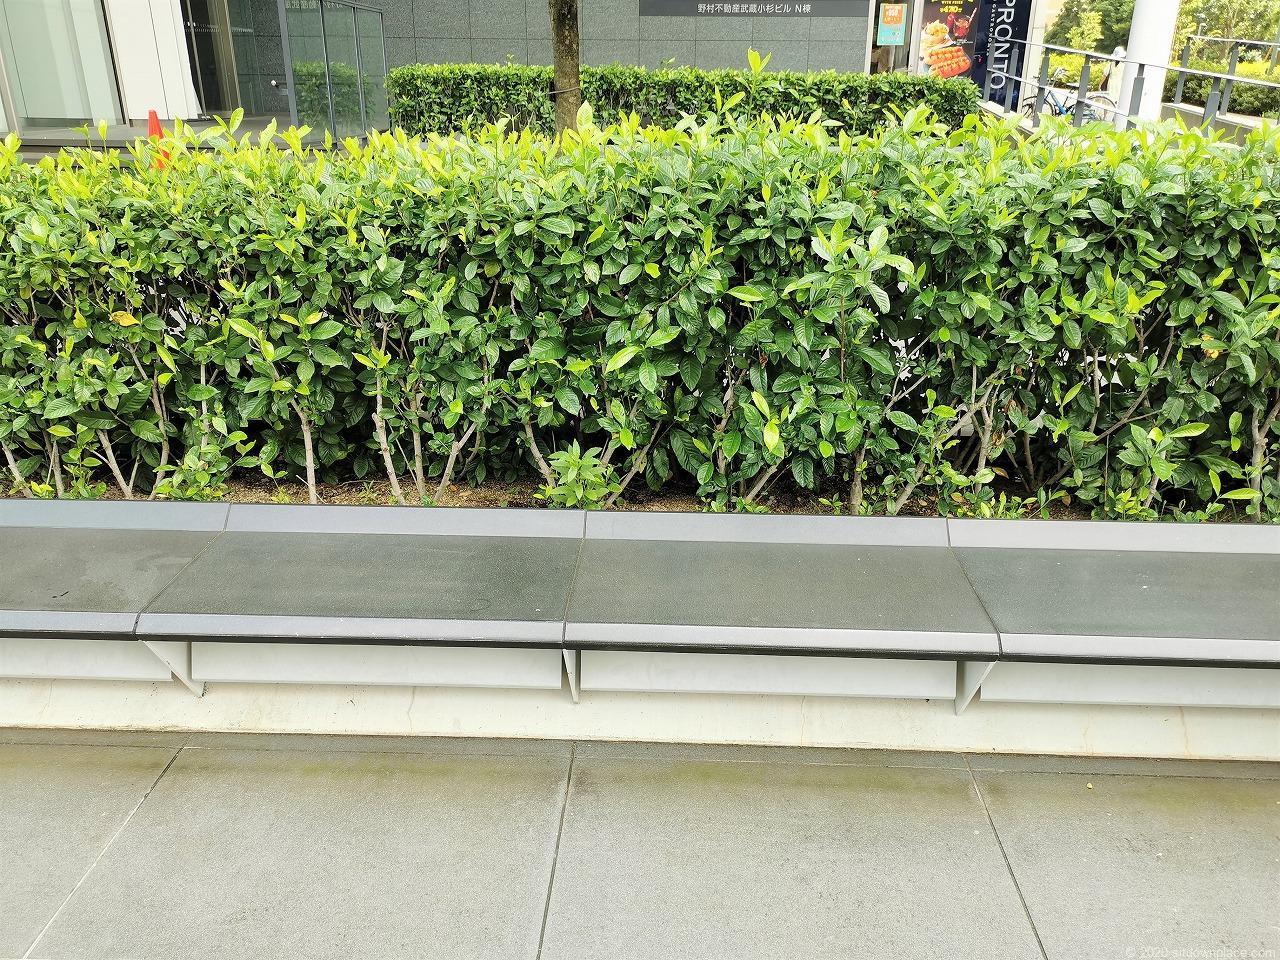 武蔵小杉駅 武蔵小杉ビル公開空地 横須賀線口側の休憩場所のベンチ